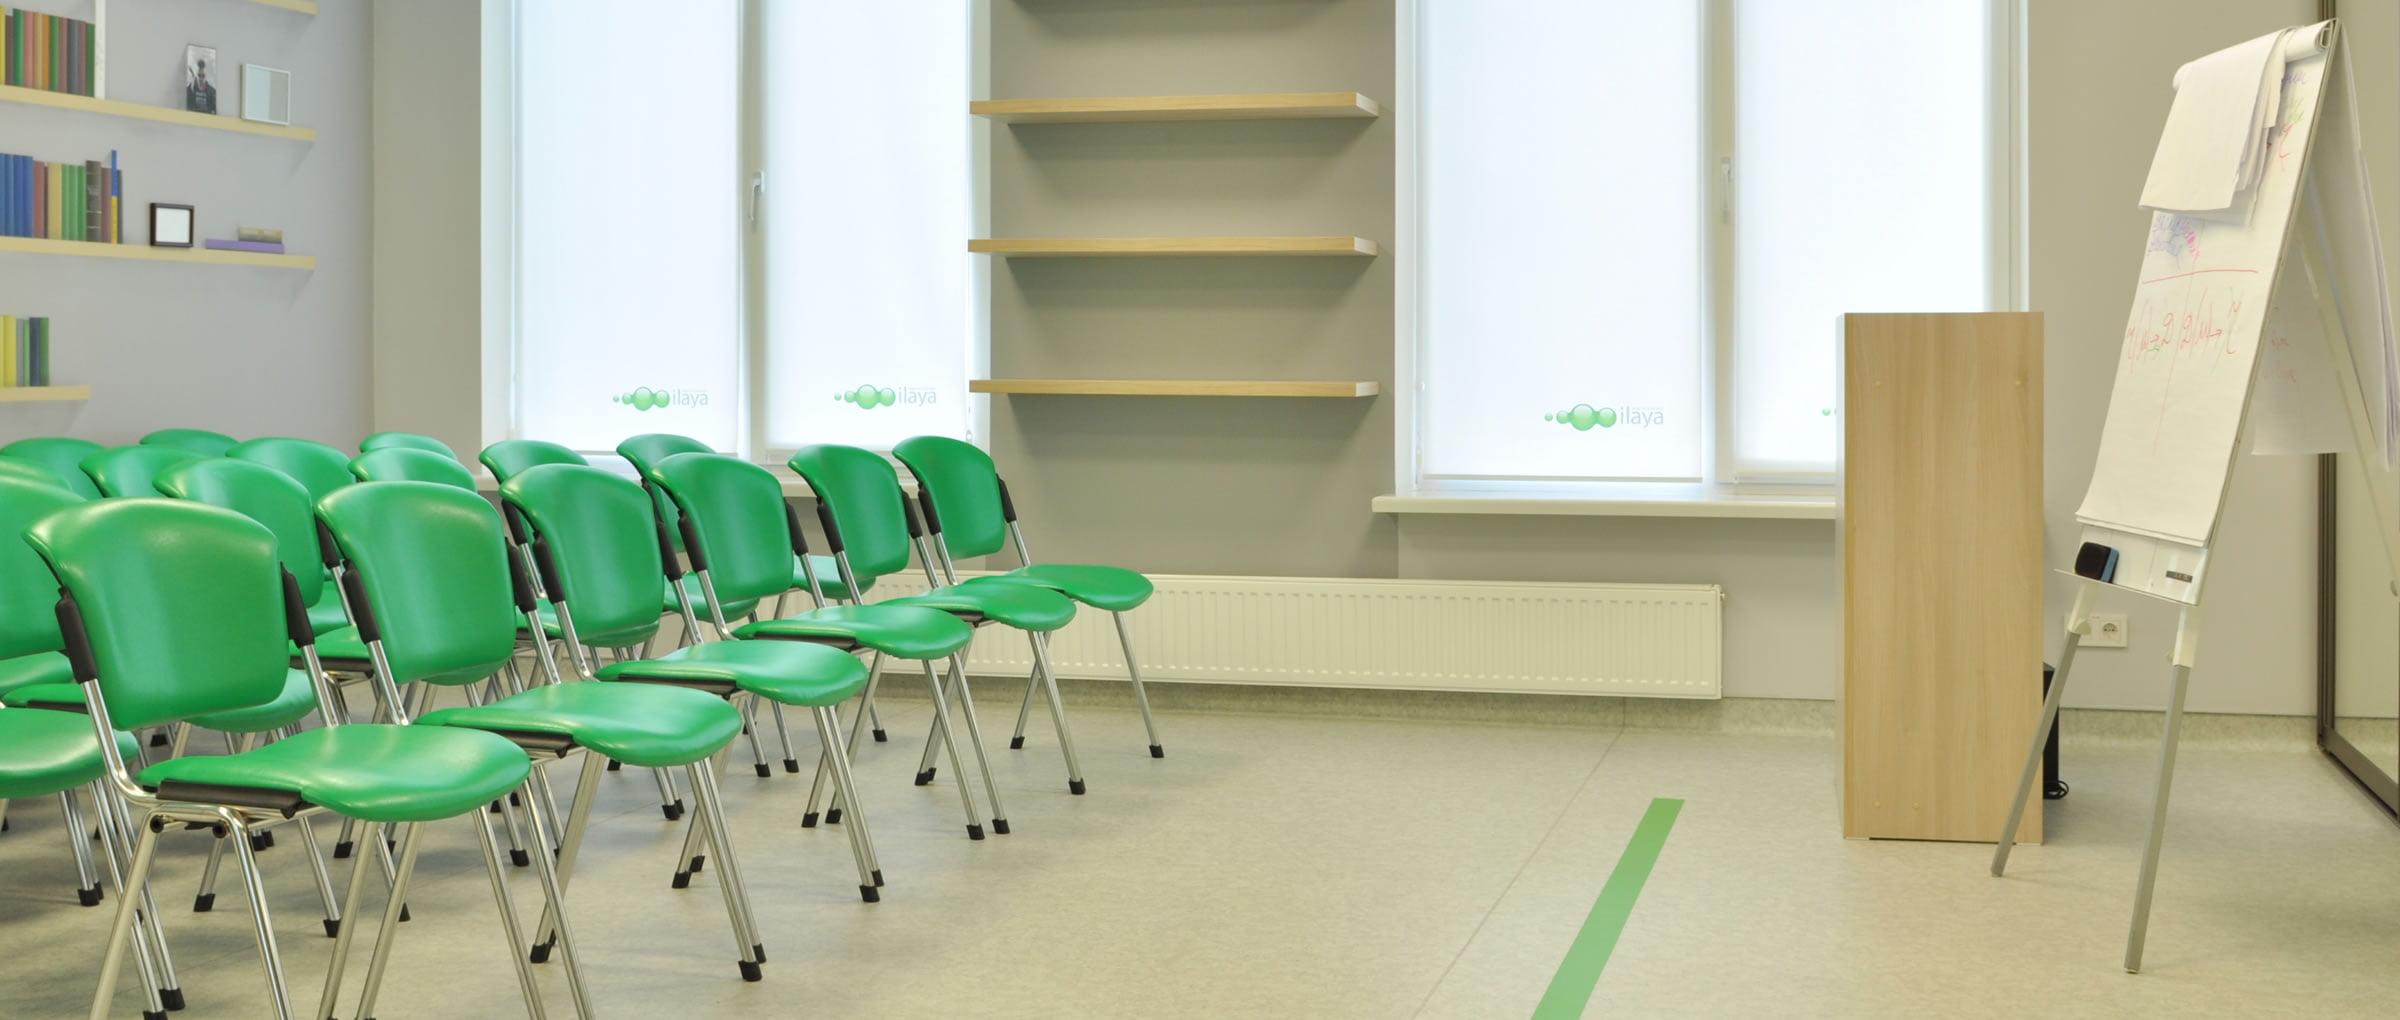 ilaya meeting room